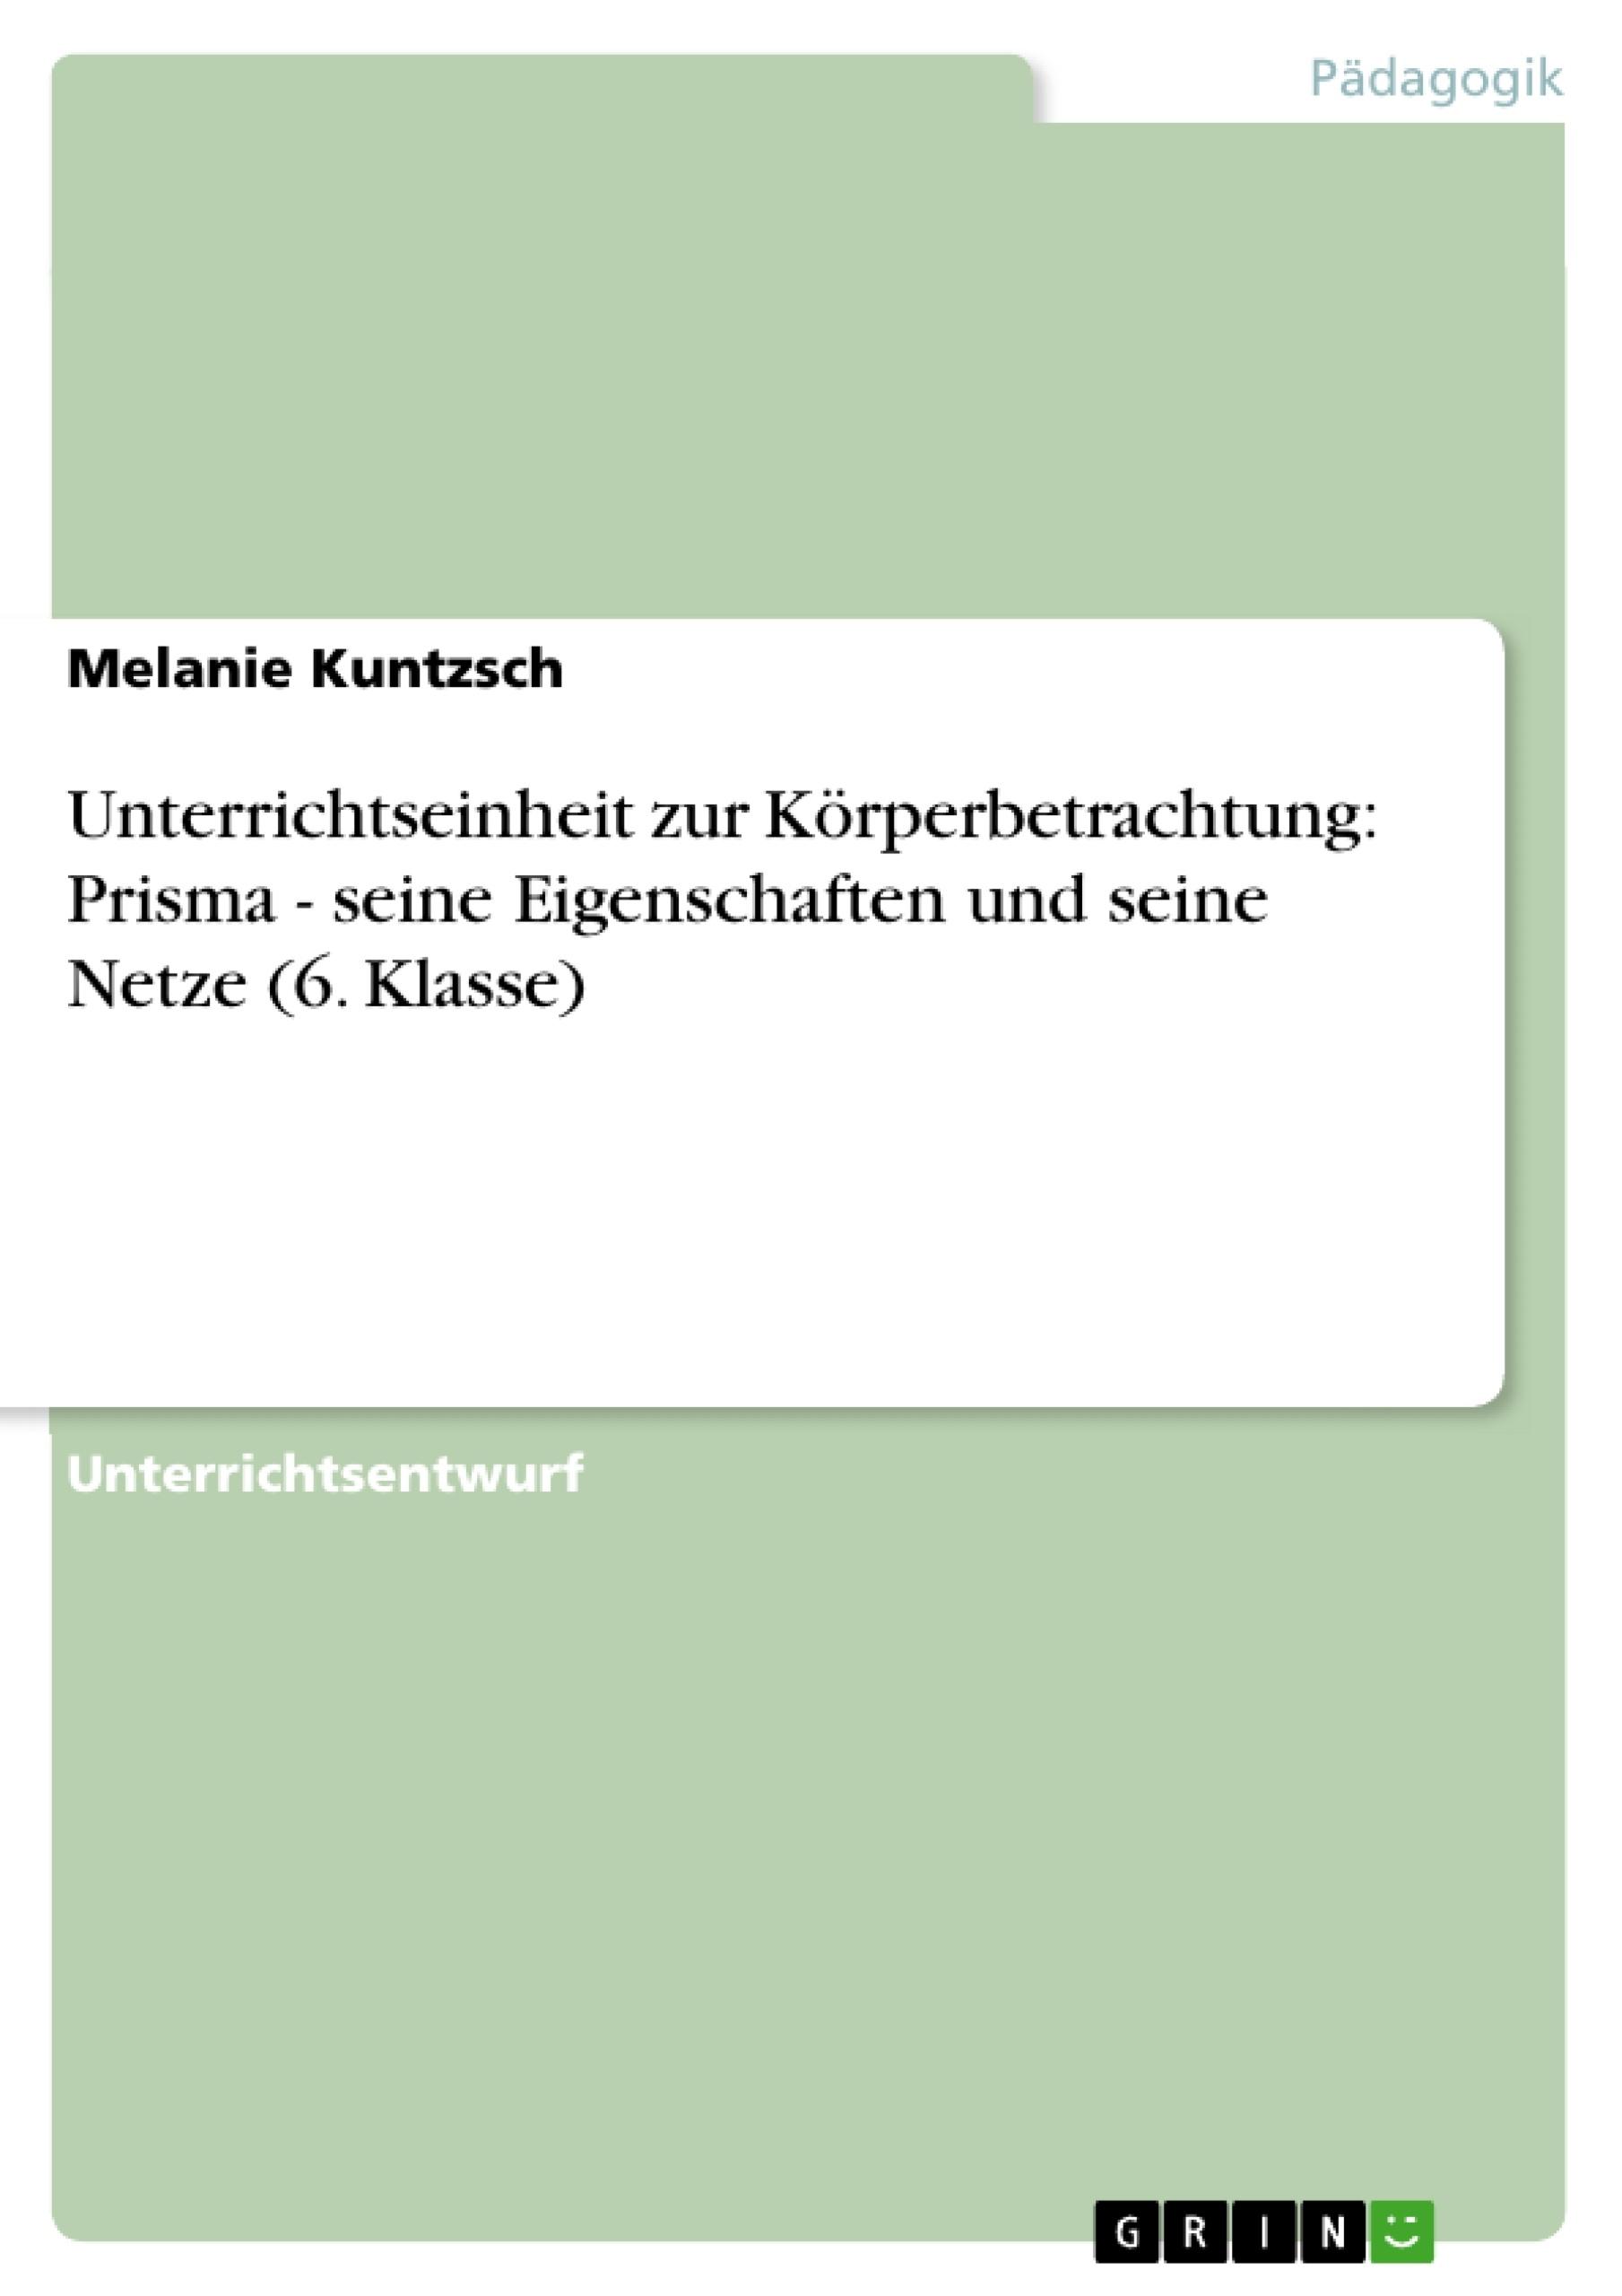 Titel: Unterrichtseinheit zur Körperbetrachtung: Prisma - seine Eigenschaften und seine Netze (6. Klasse)